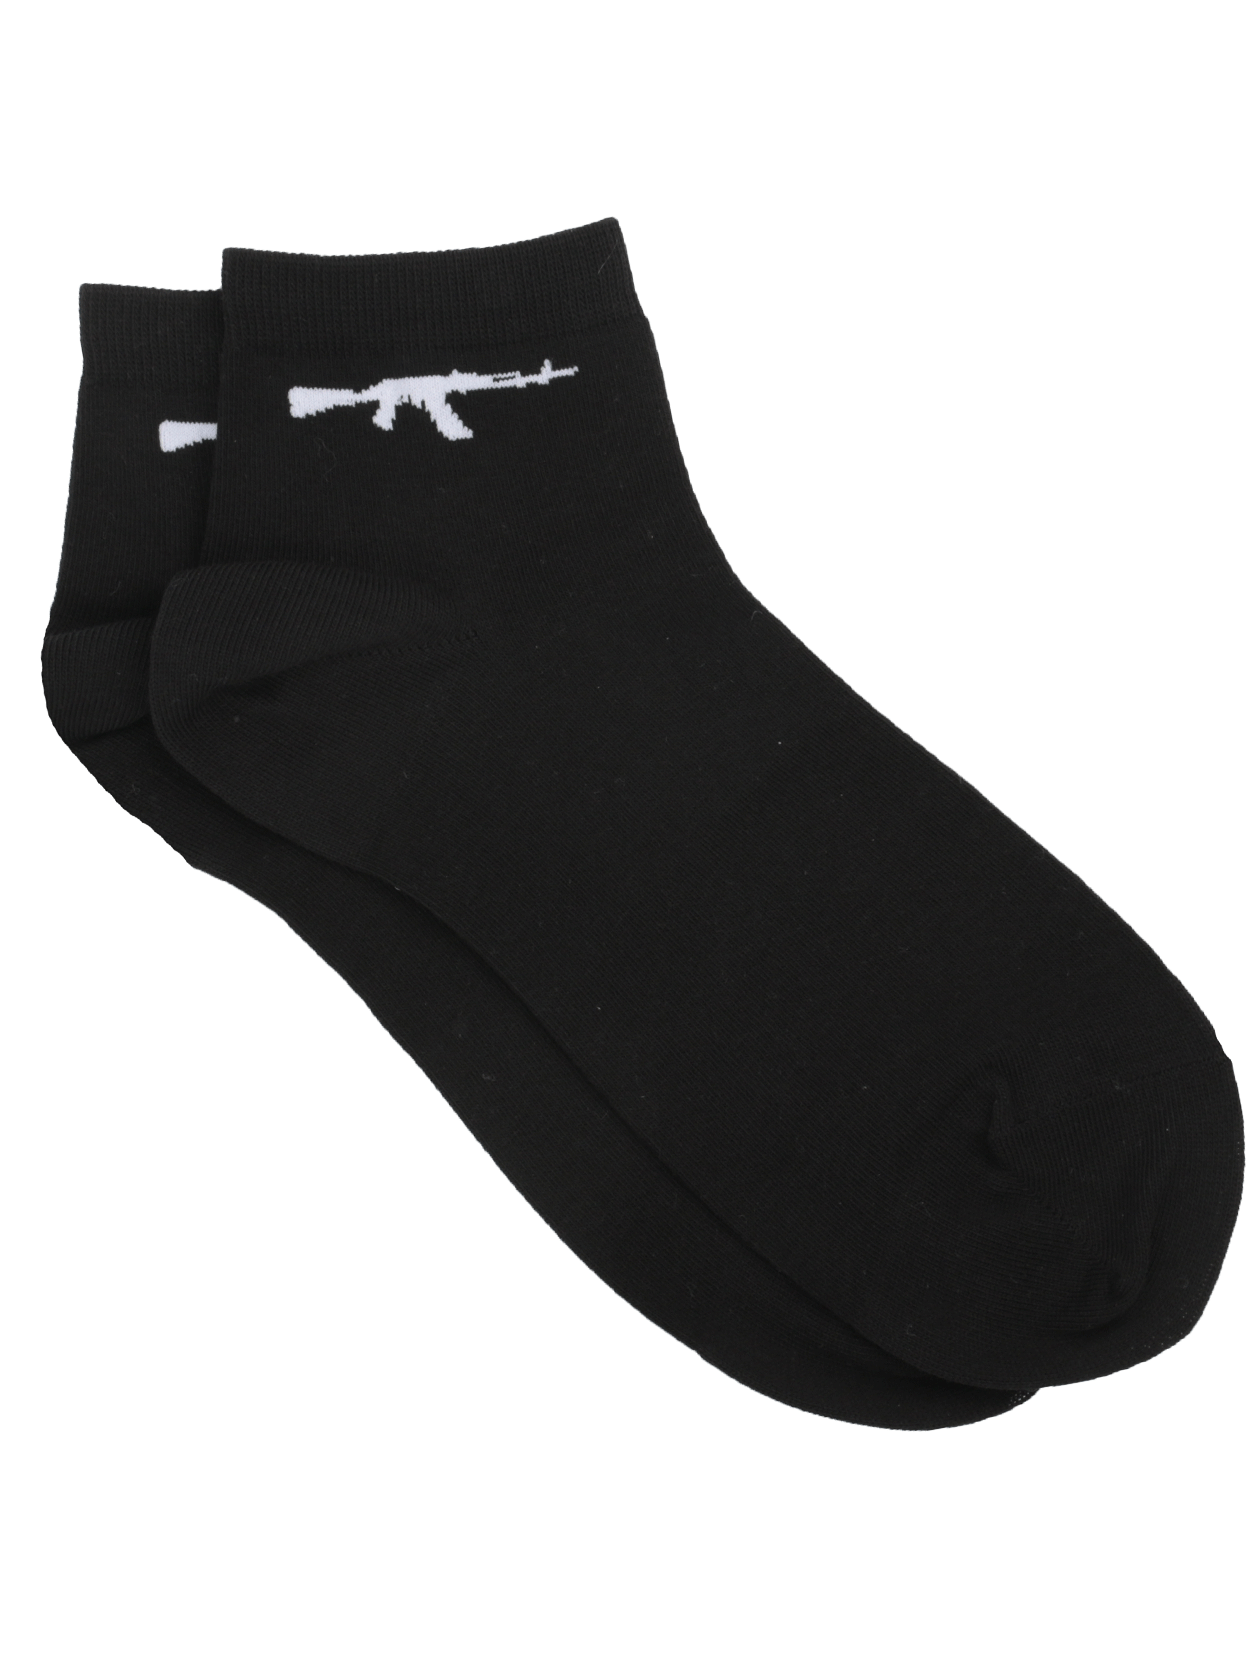 Носки унисекс GUNПрактичные и стильные носки унисекс Gun из коллекции Black Star Wear. Модель традиционного дизайна с коротким голенищем, оформленным высококачественной эластичной вставкой. Базовая черная расцветка подходит для каждодневного использования и сочетается с любой обувью. Дизайн дополнен эффектным принтом с автоматом по бокам. Носки сшиты из натурального хлопка премиального качества, обладают высокой износостойкостью. В комплекте представлены две пары.&amp;nbsp;<br><br>Размер: 36/38<br>Цвет: Черный<br>Пол: Унисекс